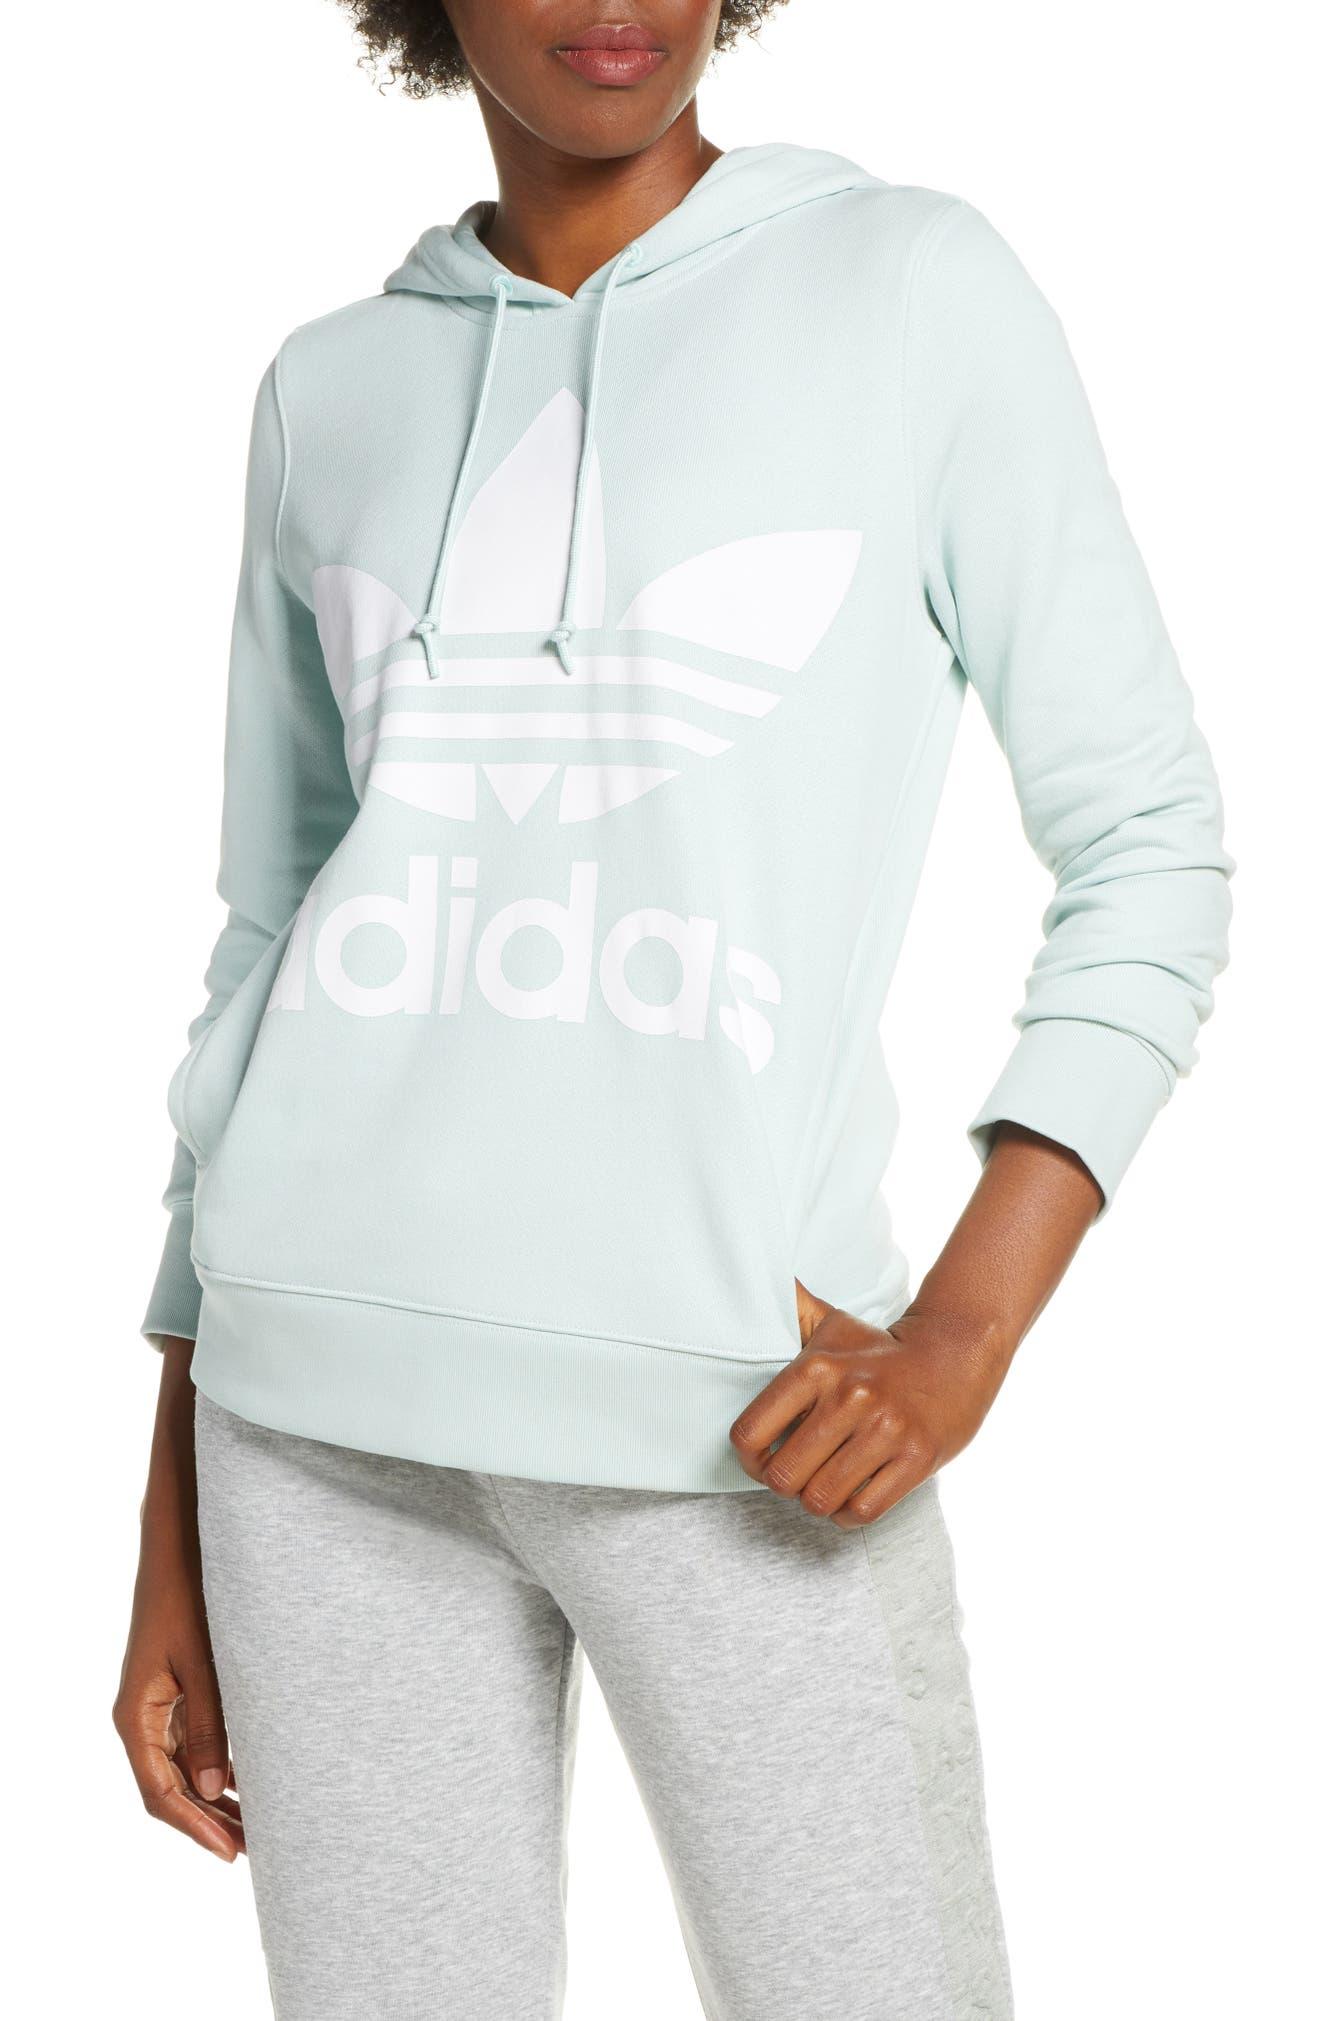 hoodie ADIDAS ORIGINALS noir en promo | adidas Originals